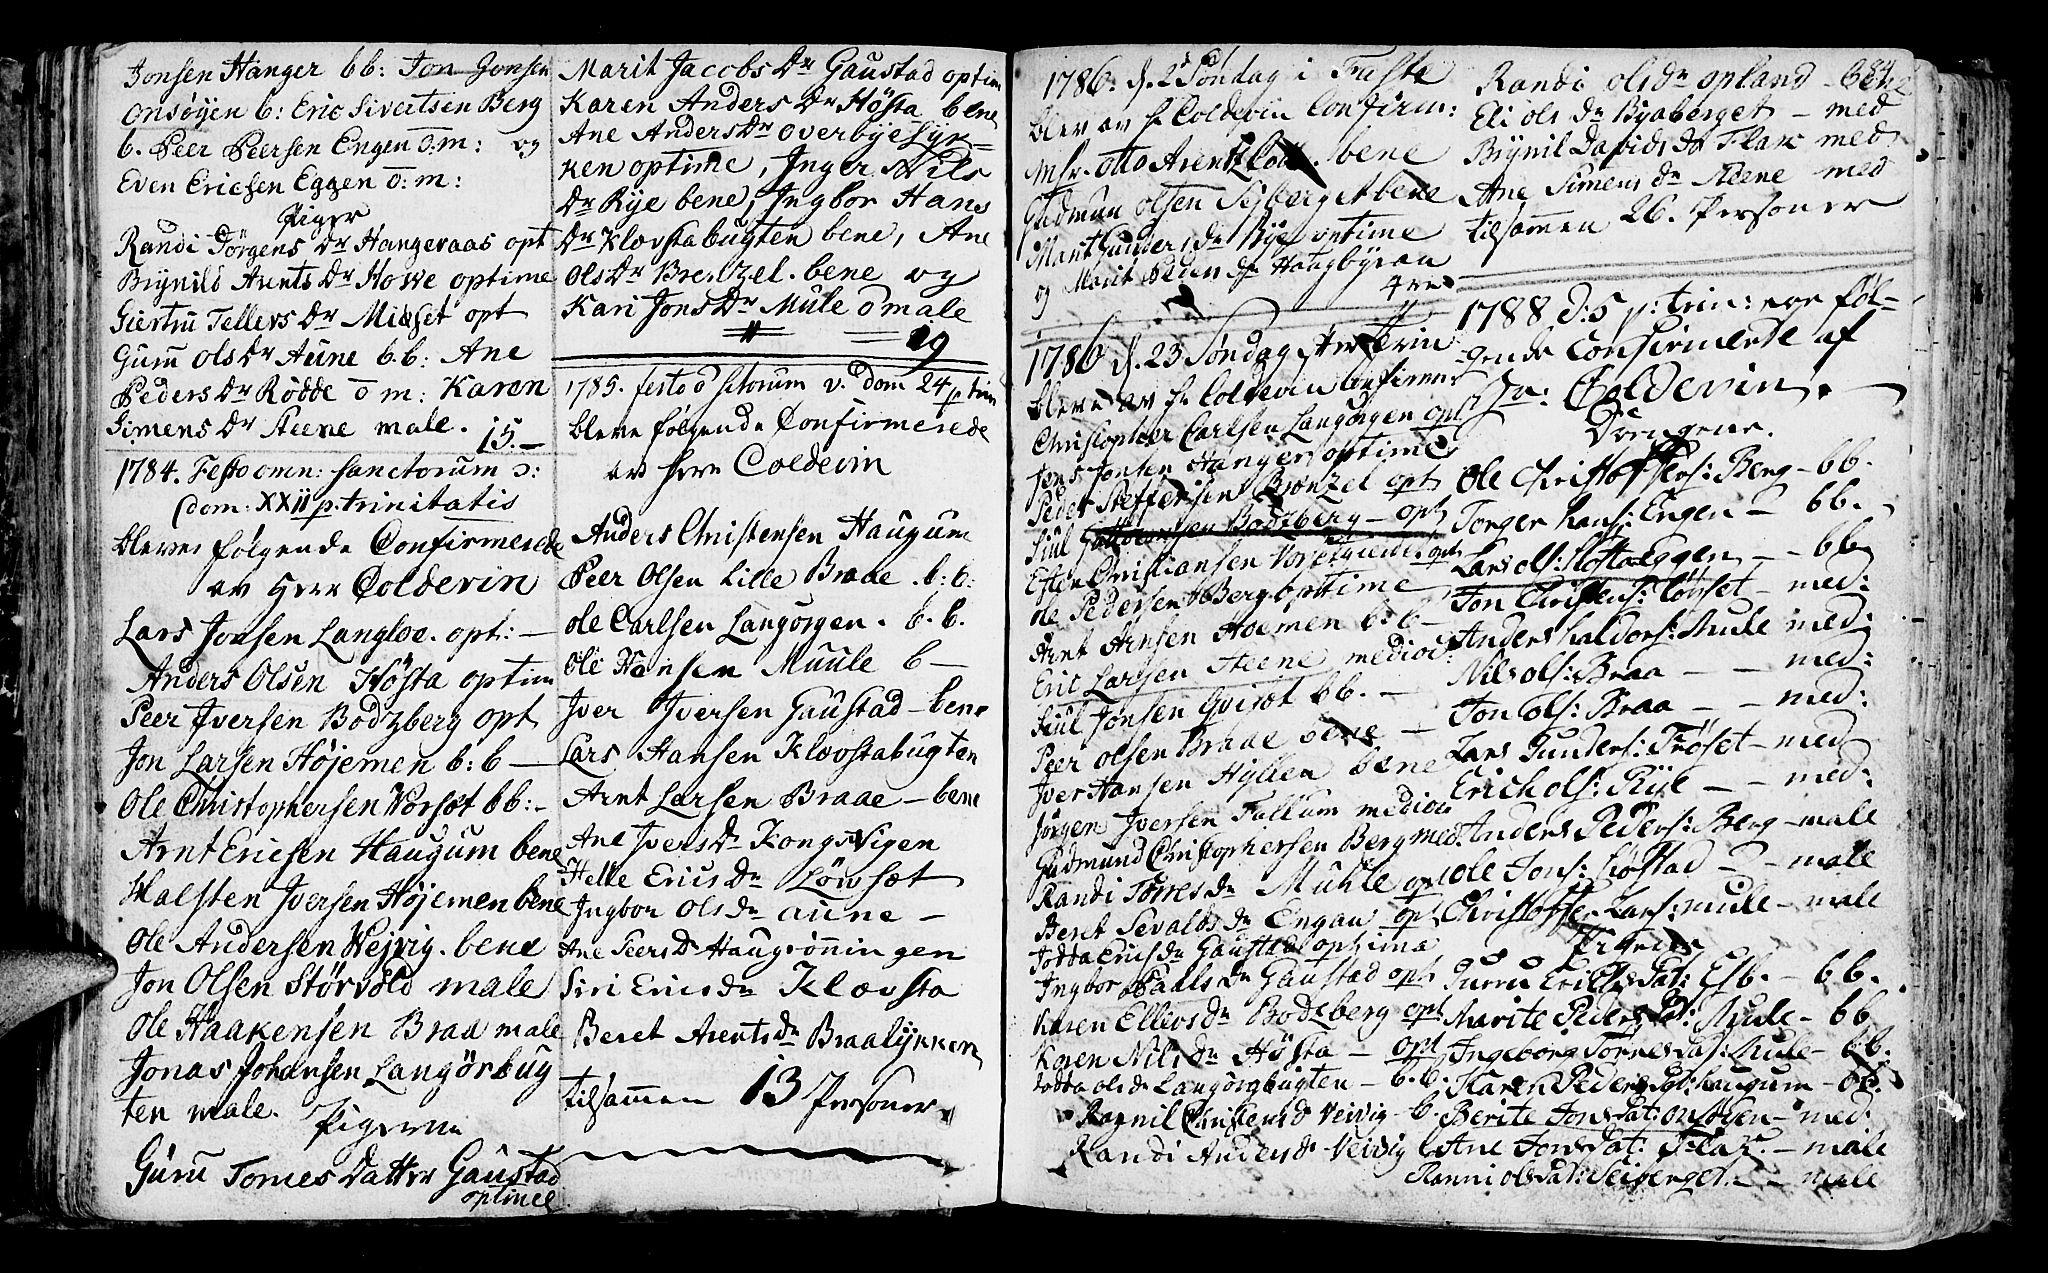 SAT, Ministerialprotokoller, klokkerbøker og fødselsregistre - Sør-Trøndelag, 612/L0370: Ministerialbok nr. 612A04, 1754-1802, s. 84